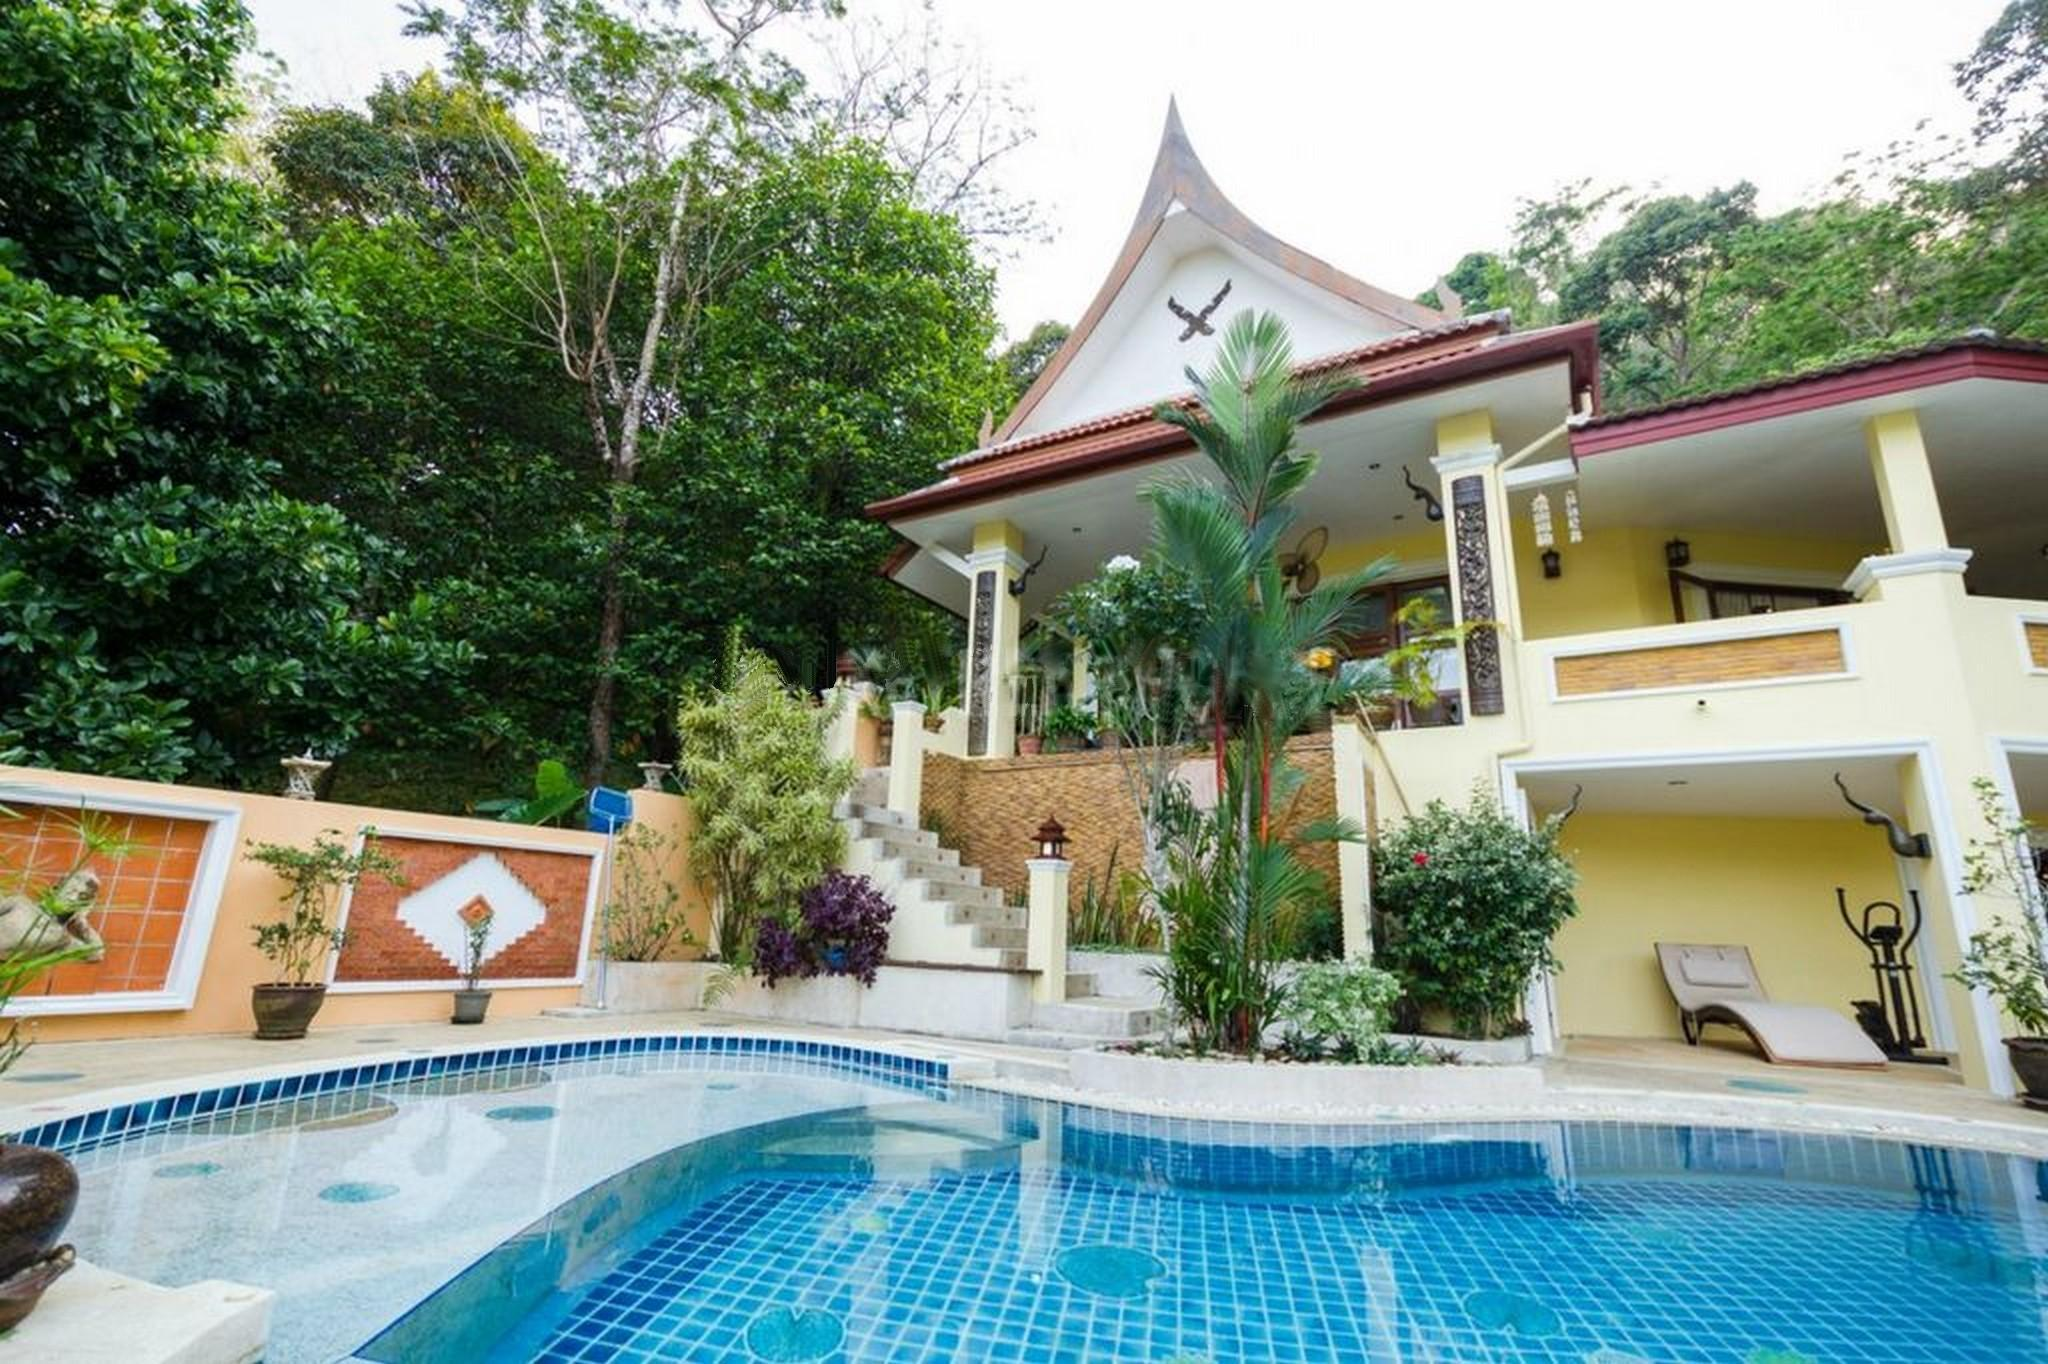 villa Sawadee with swiming pool in tropical garden villa Sawadee with swiming pool in tropical garden